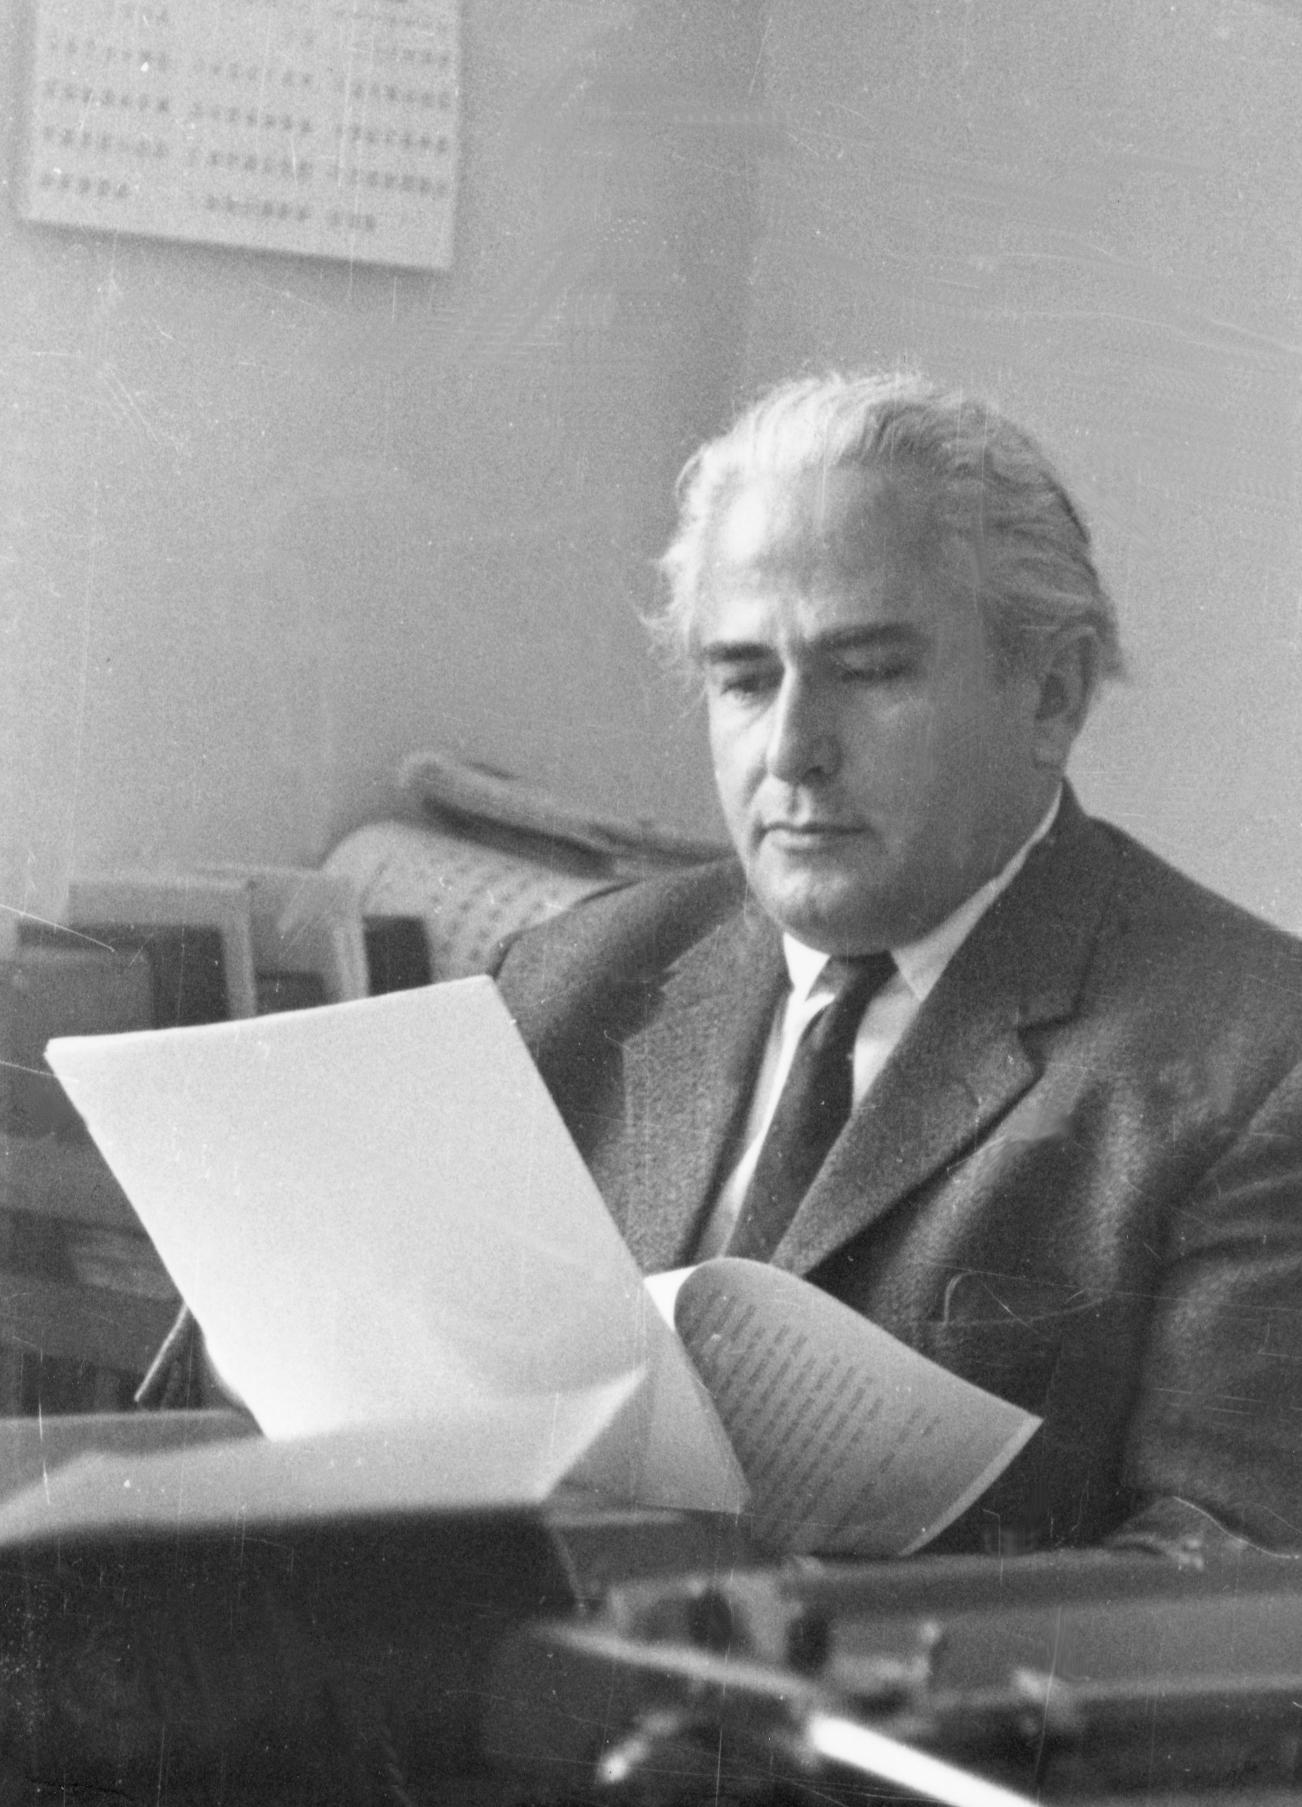 Photograph of Ognyanov, Hristo Damyanov